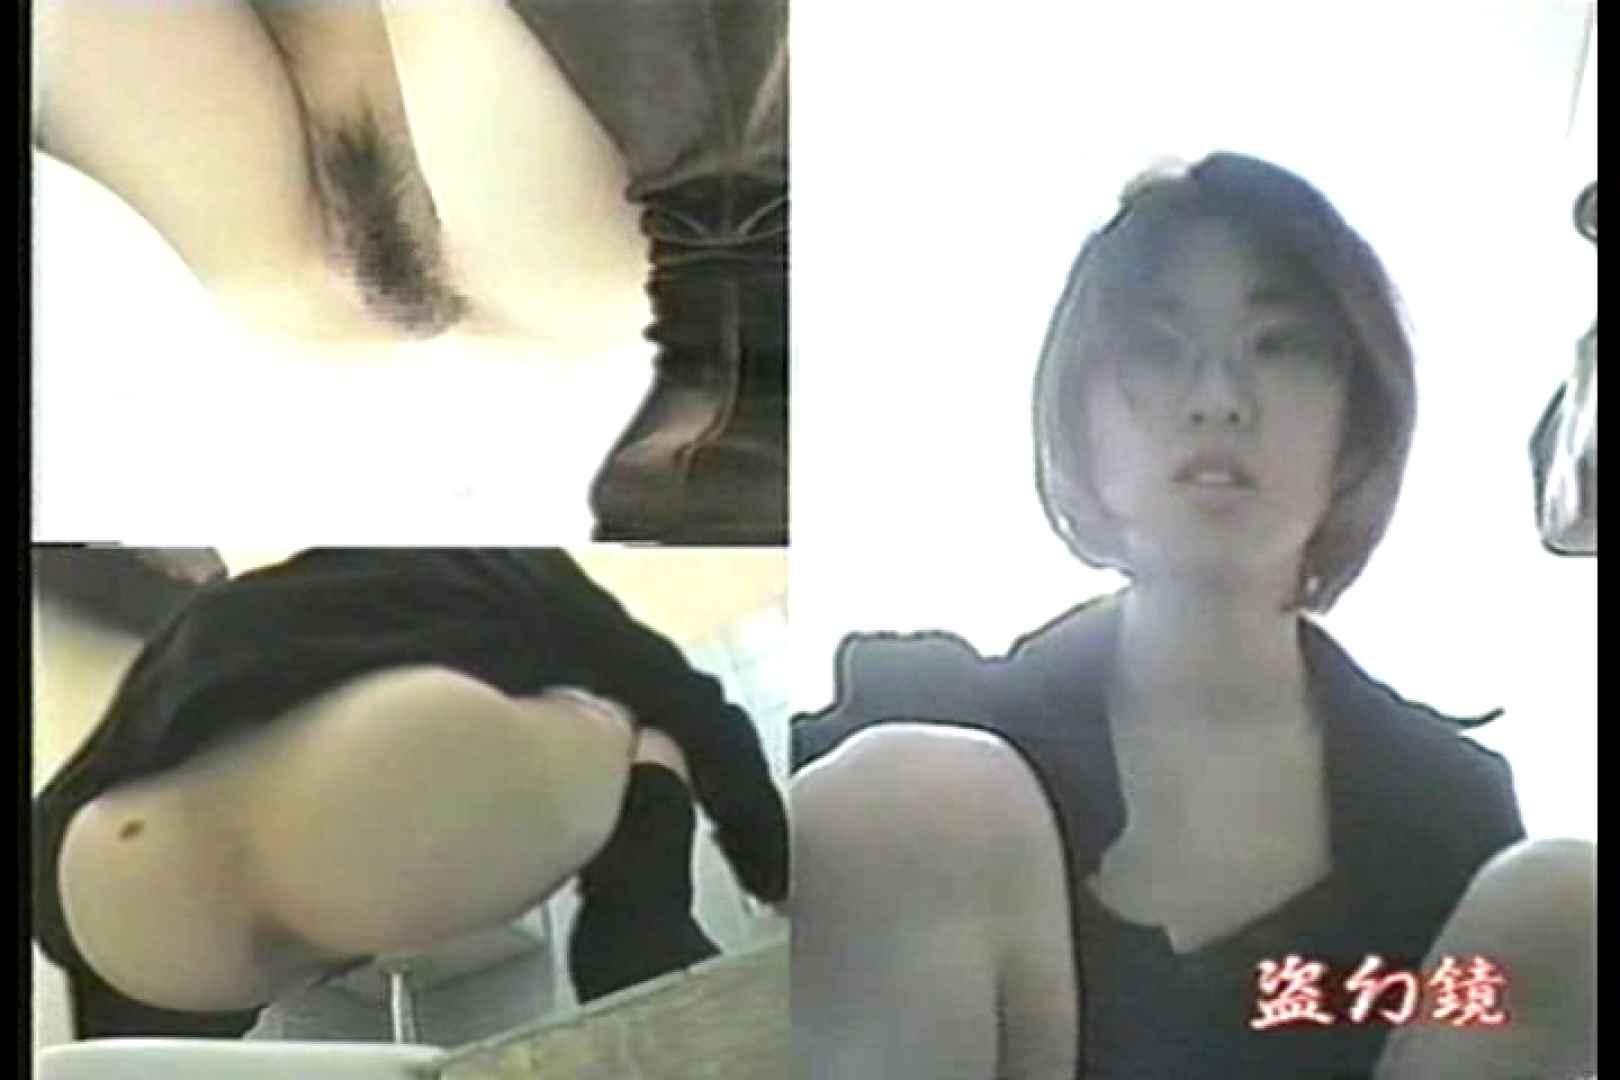 洗面所羞恥美女んMV-2 女性の肛門 すけべAV動画紹介 62画像 39